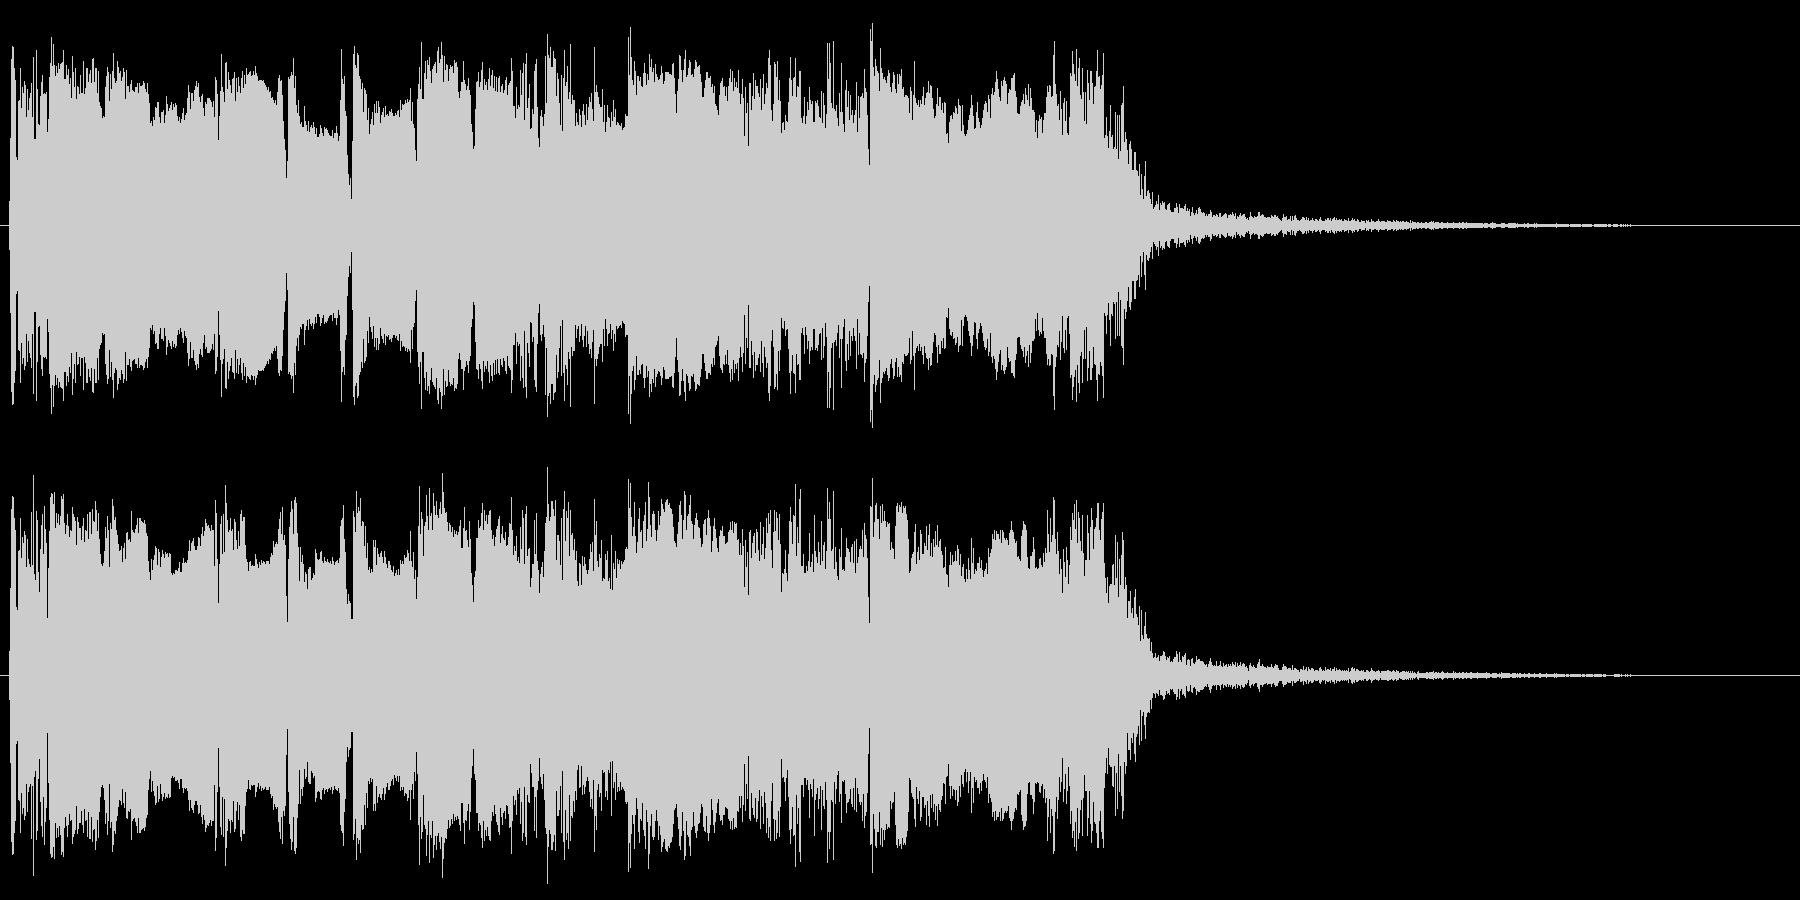 メタルなギターフレーズ メサブギサウンドの未再生の波形